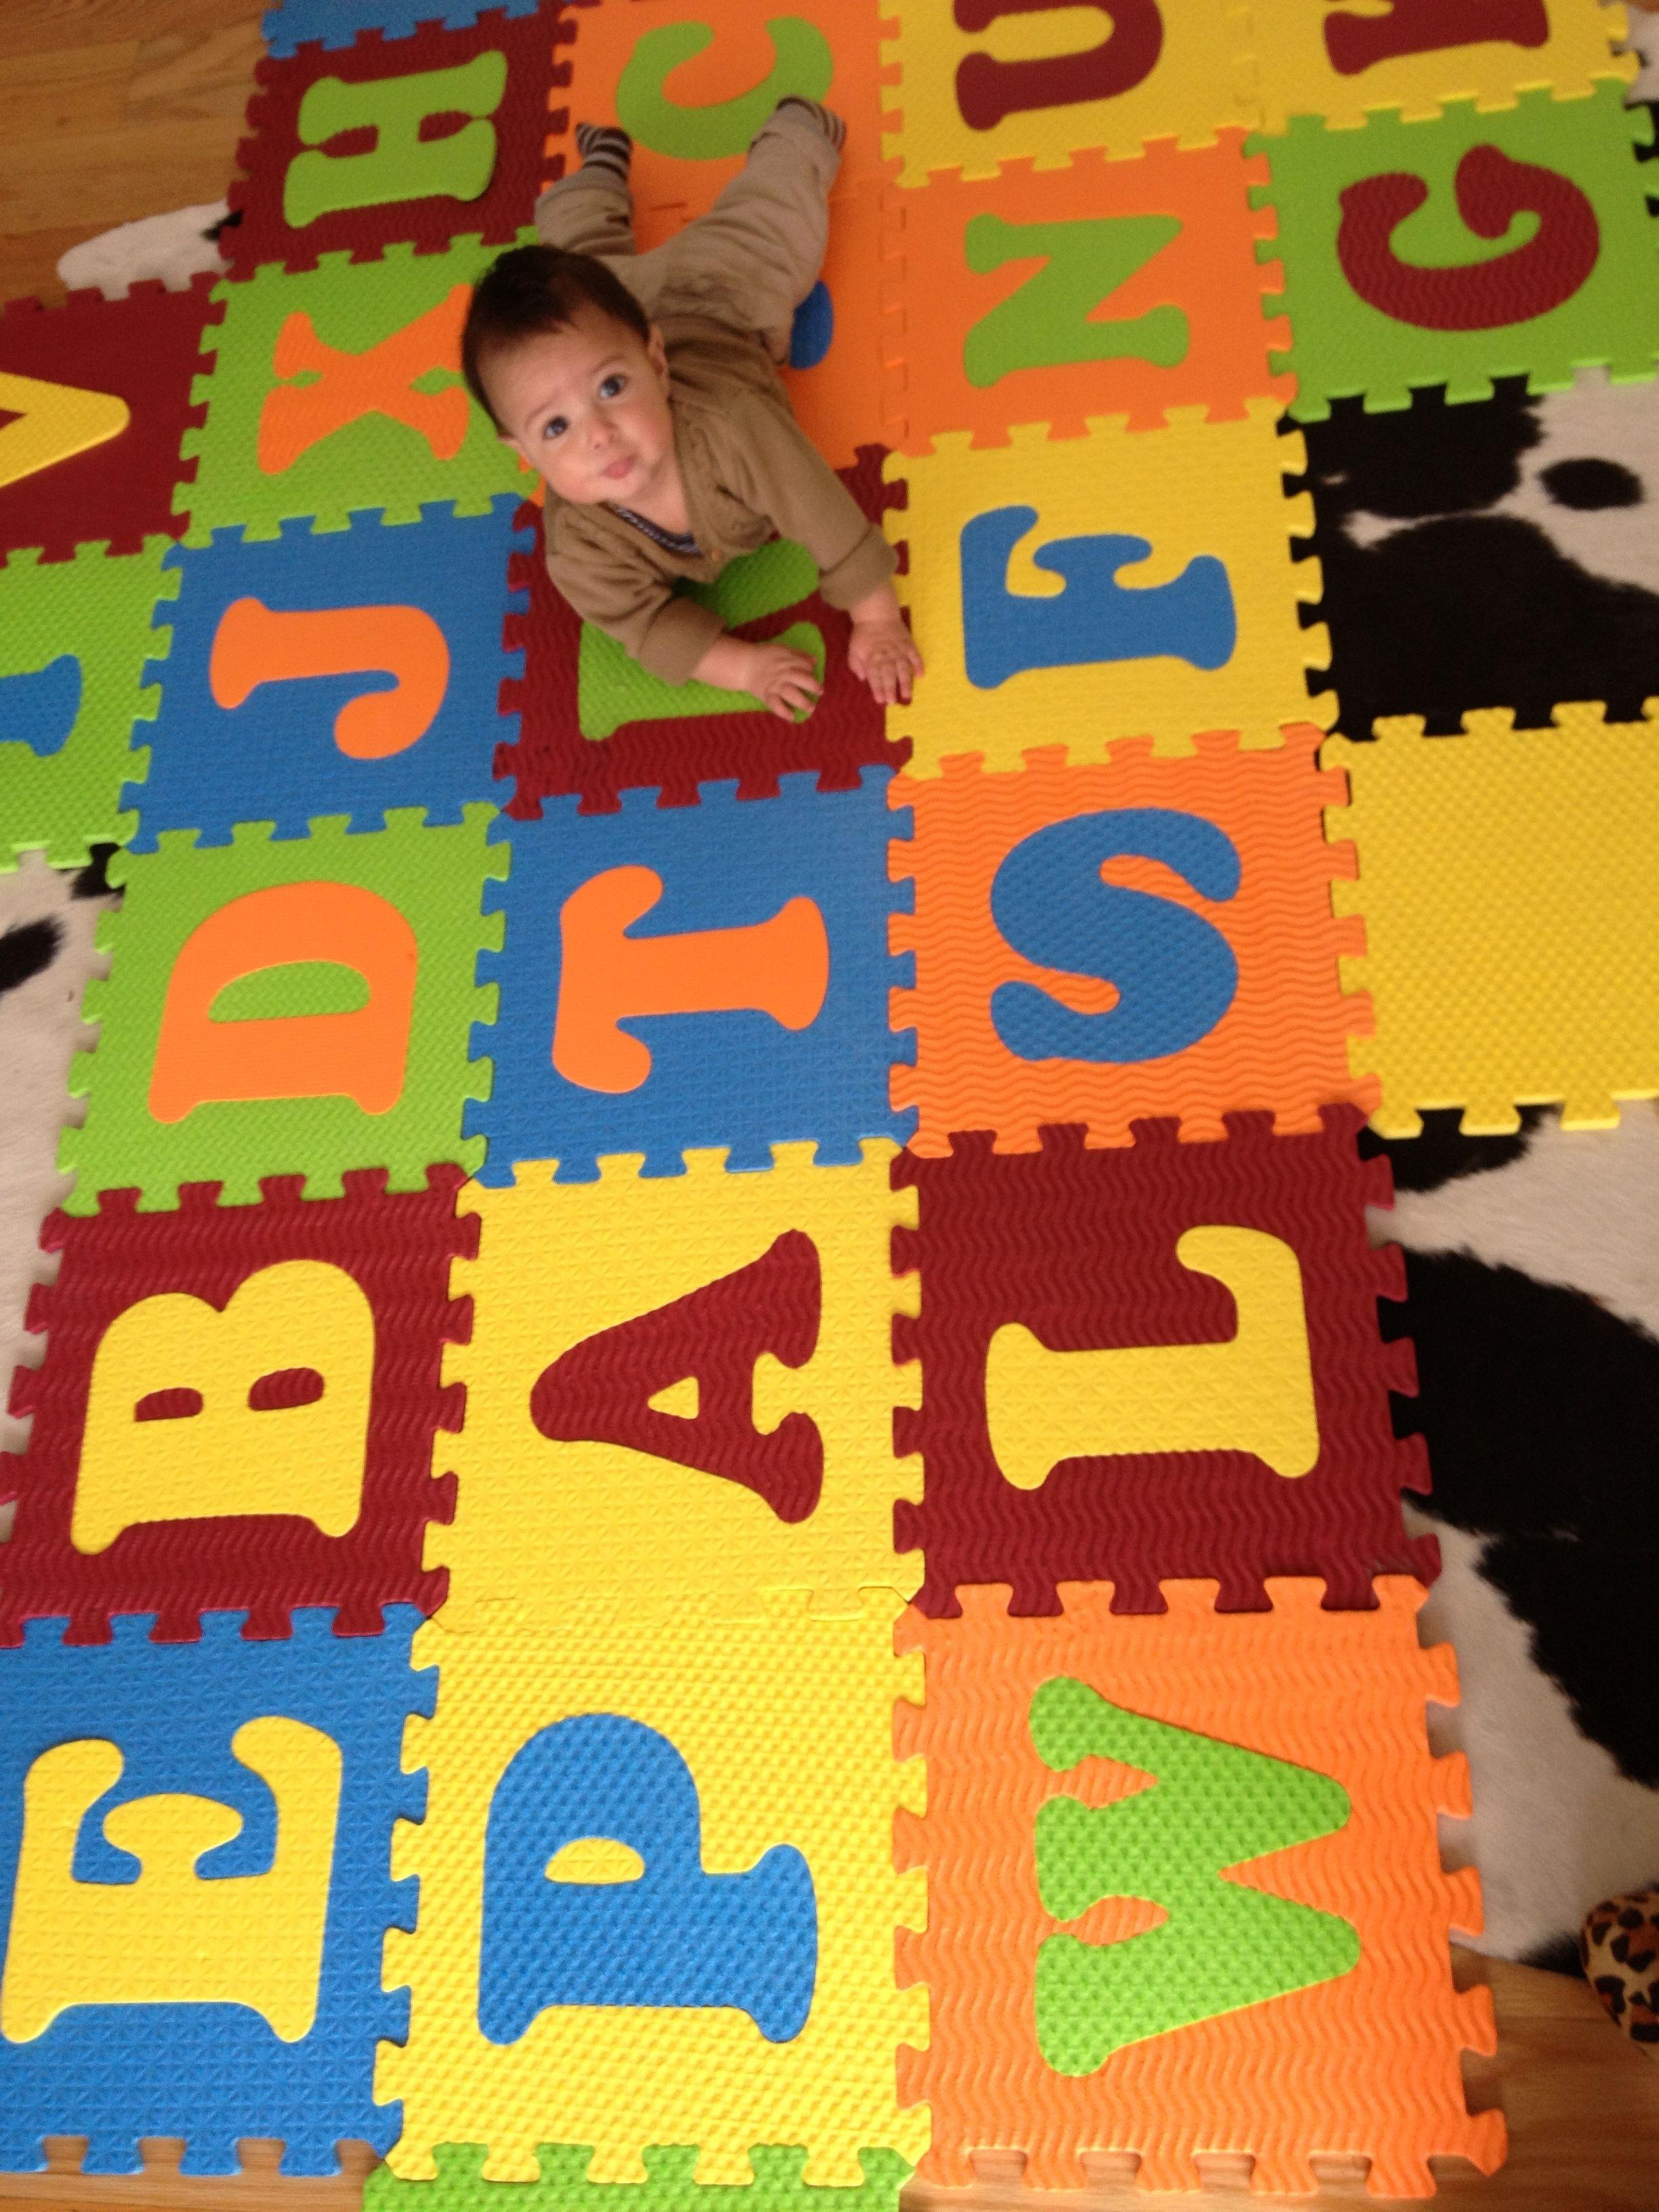 Nombre de mi hijo creado con letras de colores